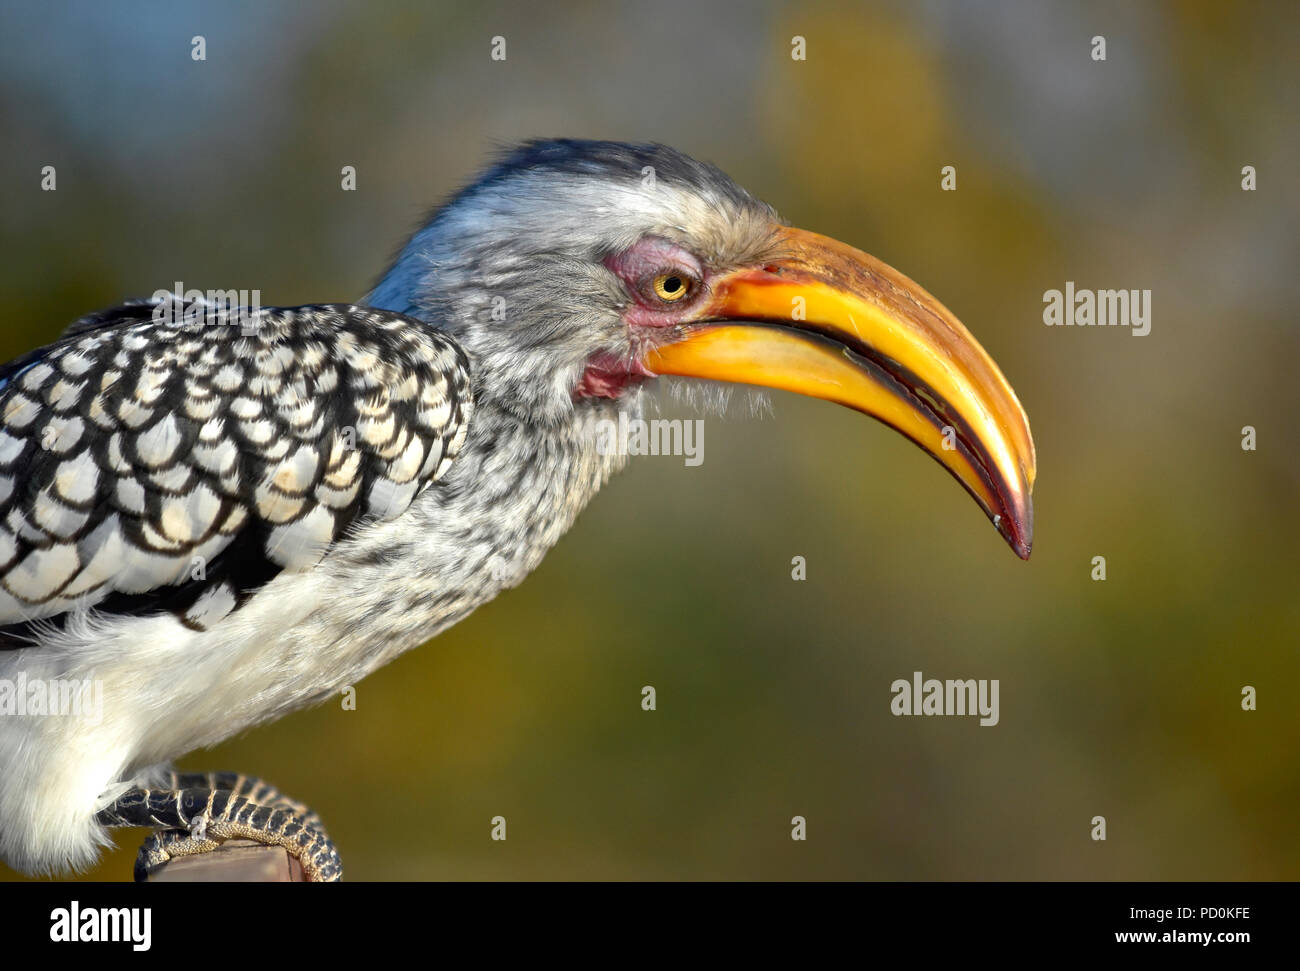 Südafrika, ein fantastisches Reiseziel Dritter und Erster Welt gemeinsam zu erleben. Yellow billed Hornbill nach Nahrung suchen. Close-up. Stockfoto